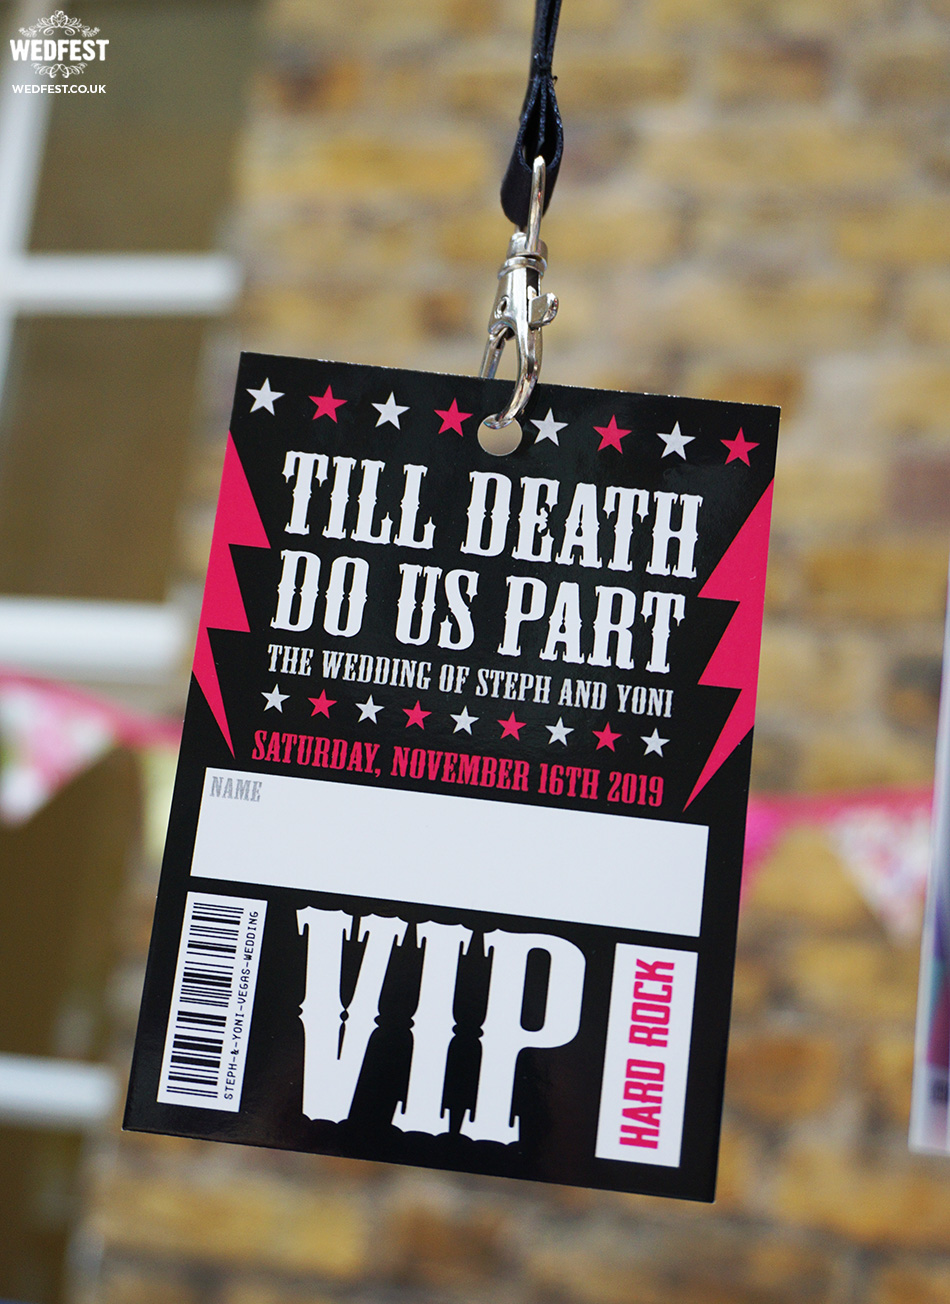 till death do us part wedding stationery